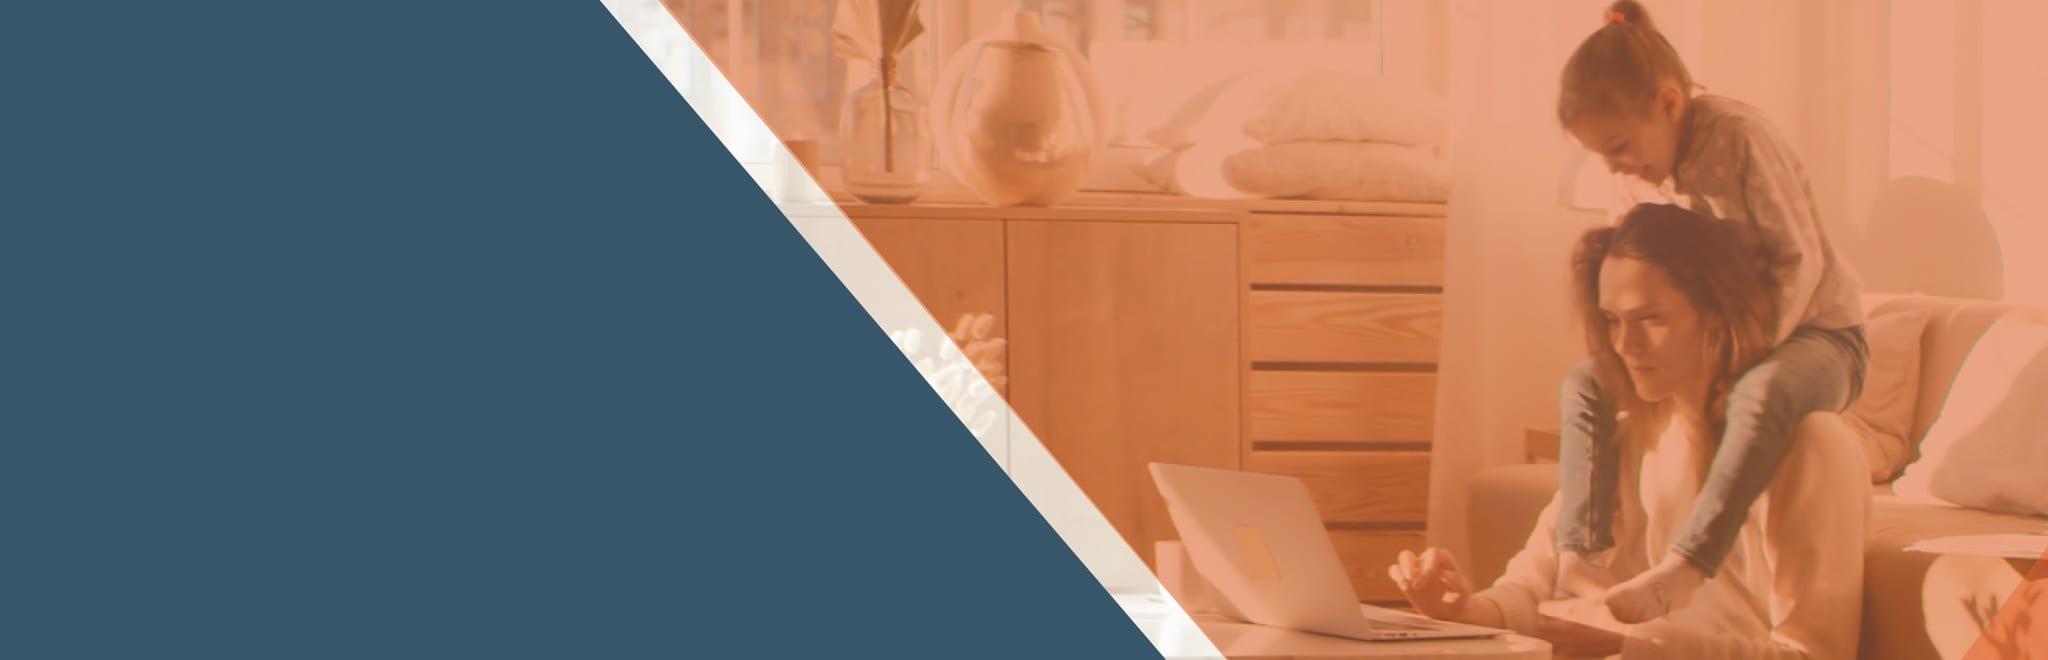 LMS365 | Blog Vanuit huis beginnen met een nieuwe baan | E-book 'De toekomst is hybride'